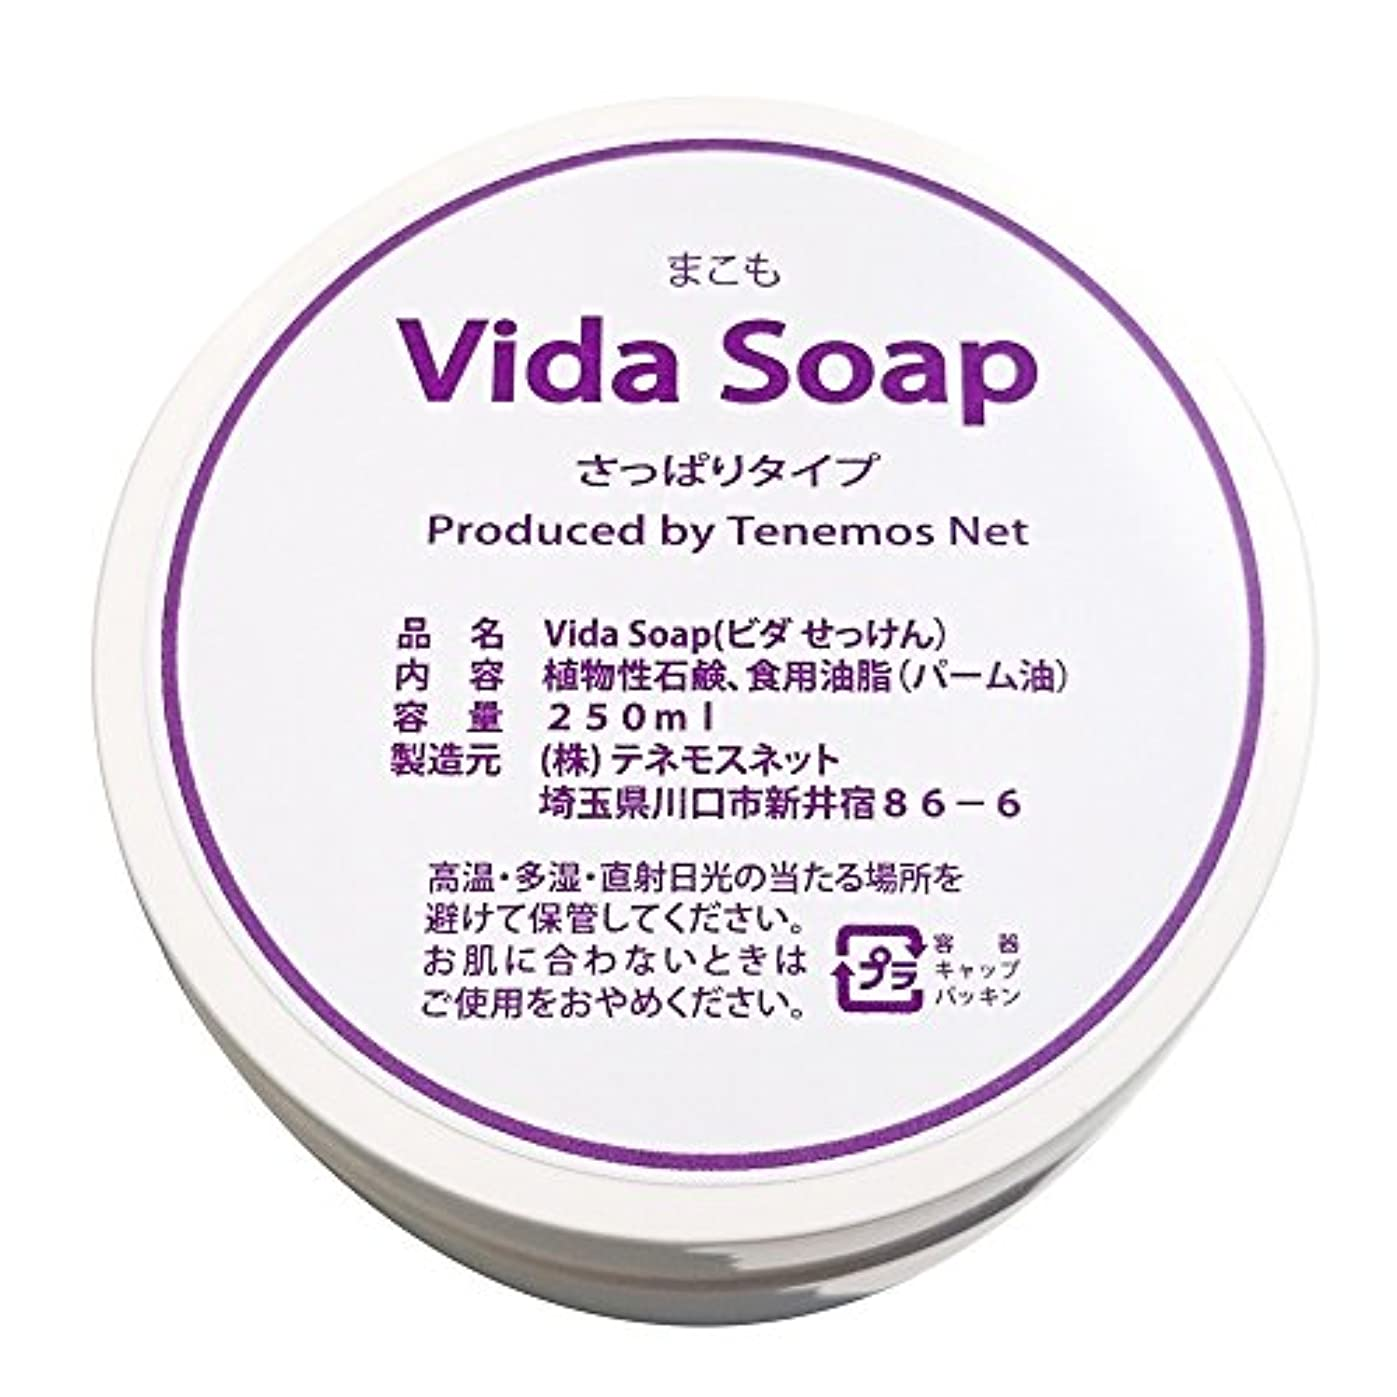 絶えず無許可取り扱いテネモス ビダせっけん Vida Soap さっぱりまこも 植物性 250ml